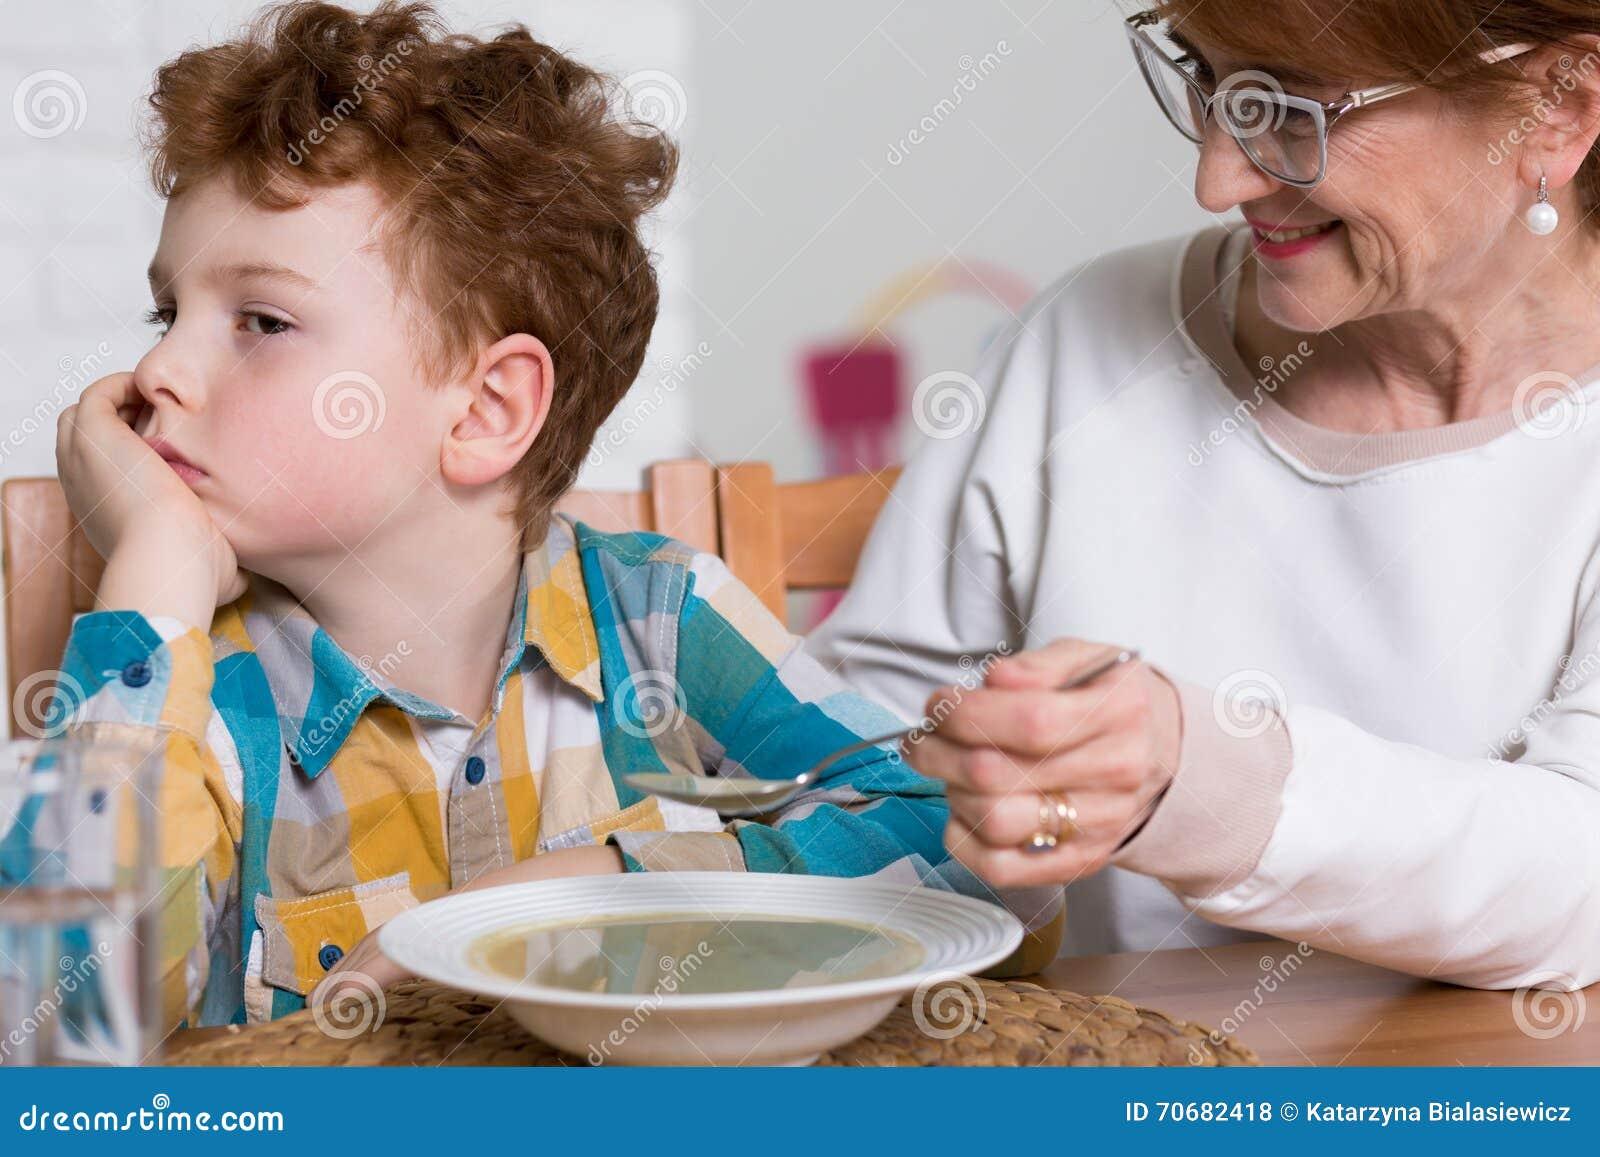 淘气挑剔食者和祖母的晚餐